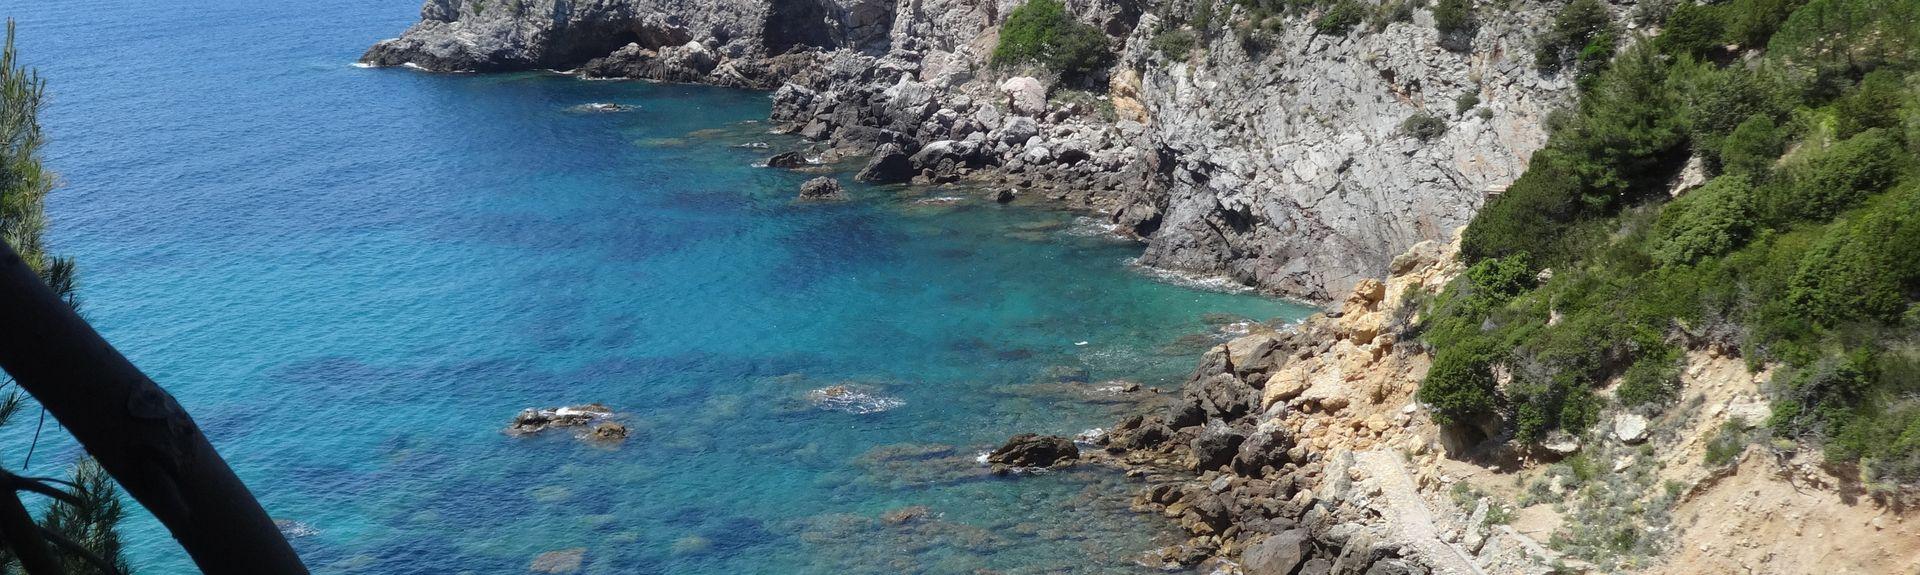 Oasis WWF du Lac de Burano, Capalbio, Toscane, Italie